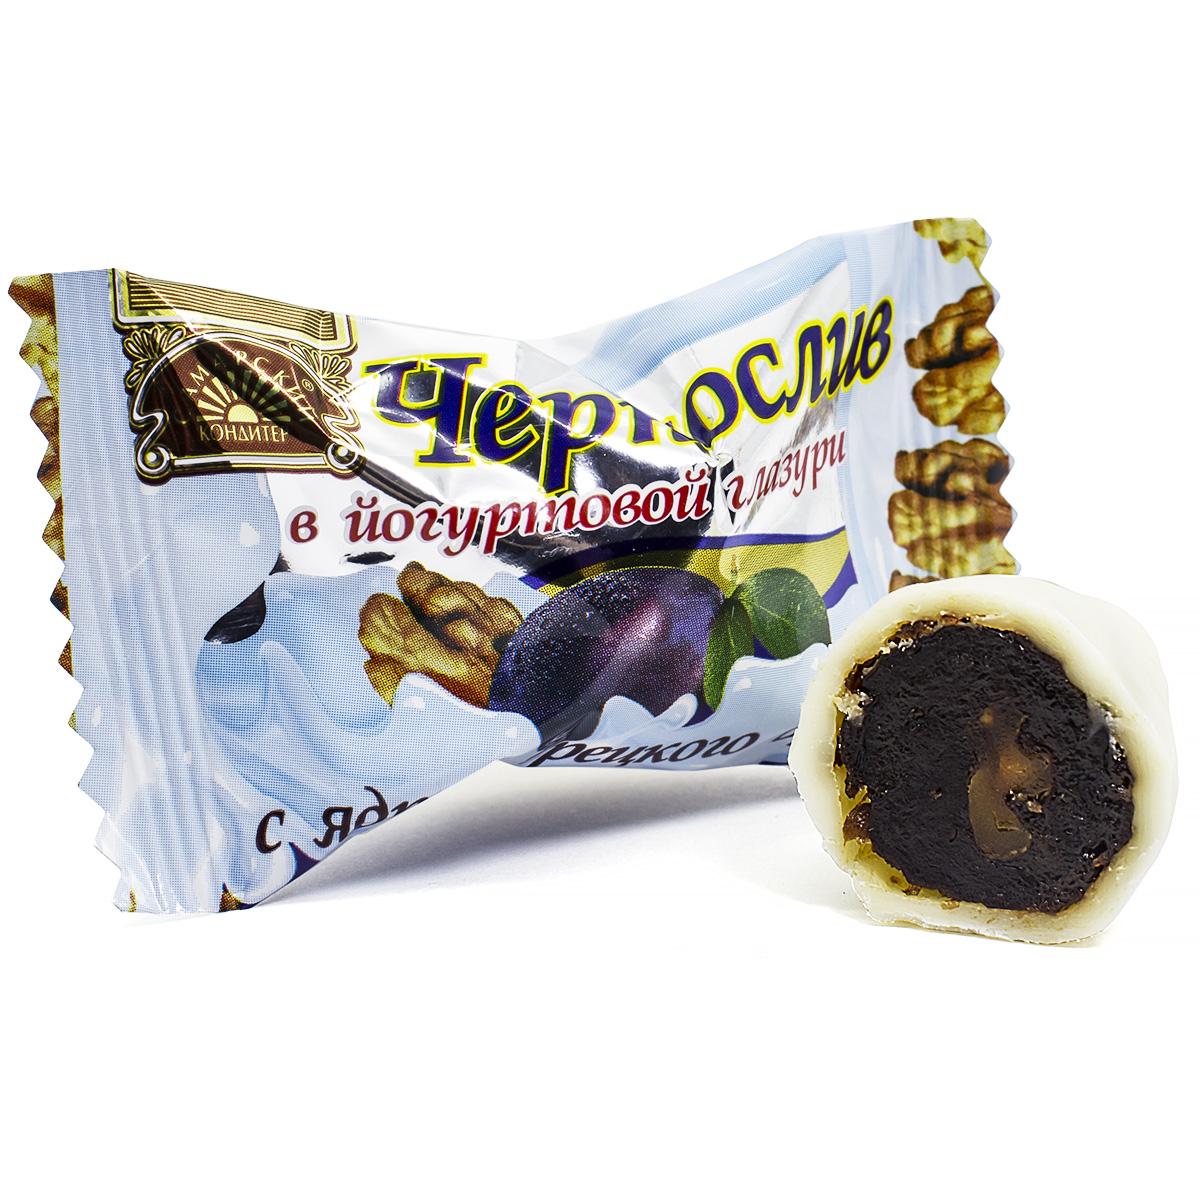 Конфеты Чернослив в йогуртовой глазури с грецким орехом, 200 г конфеты марсианка тирамису 200 г